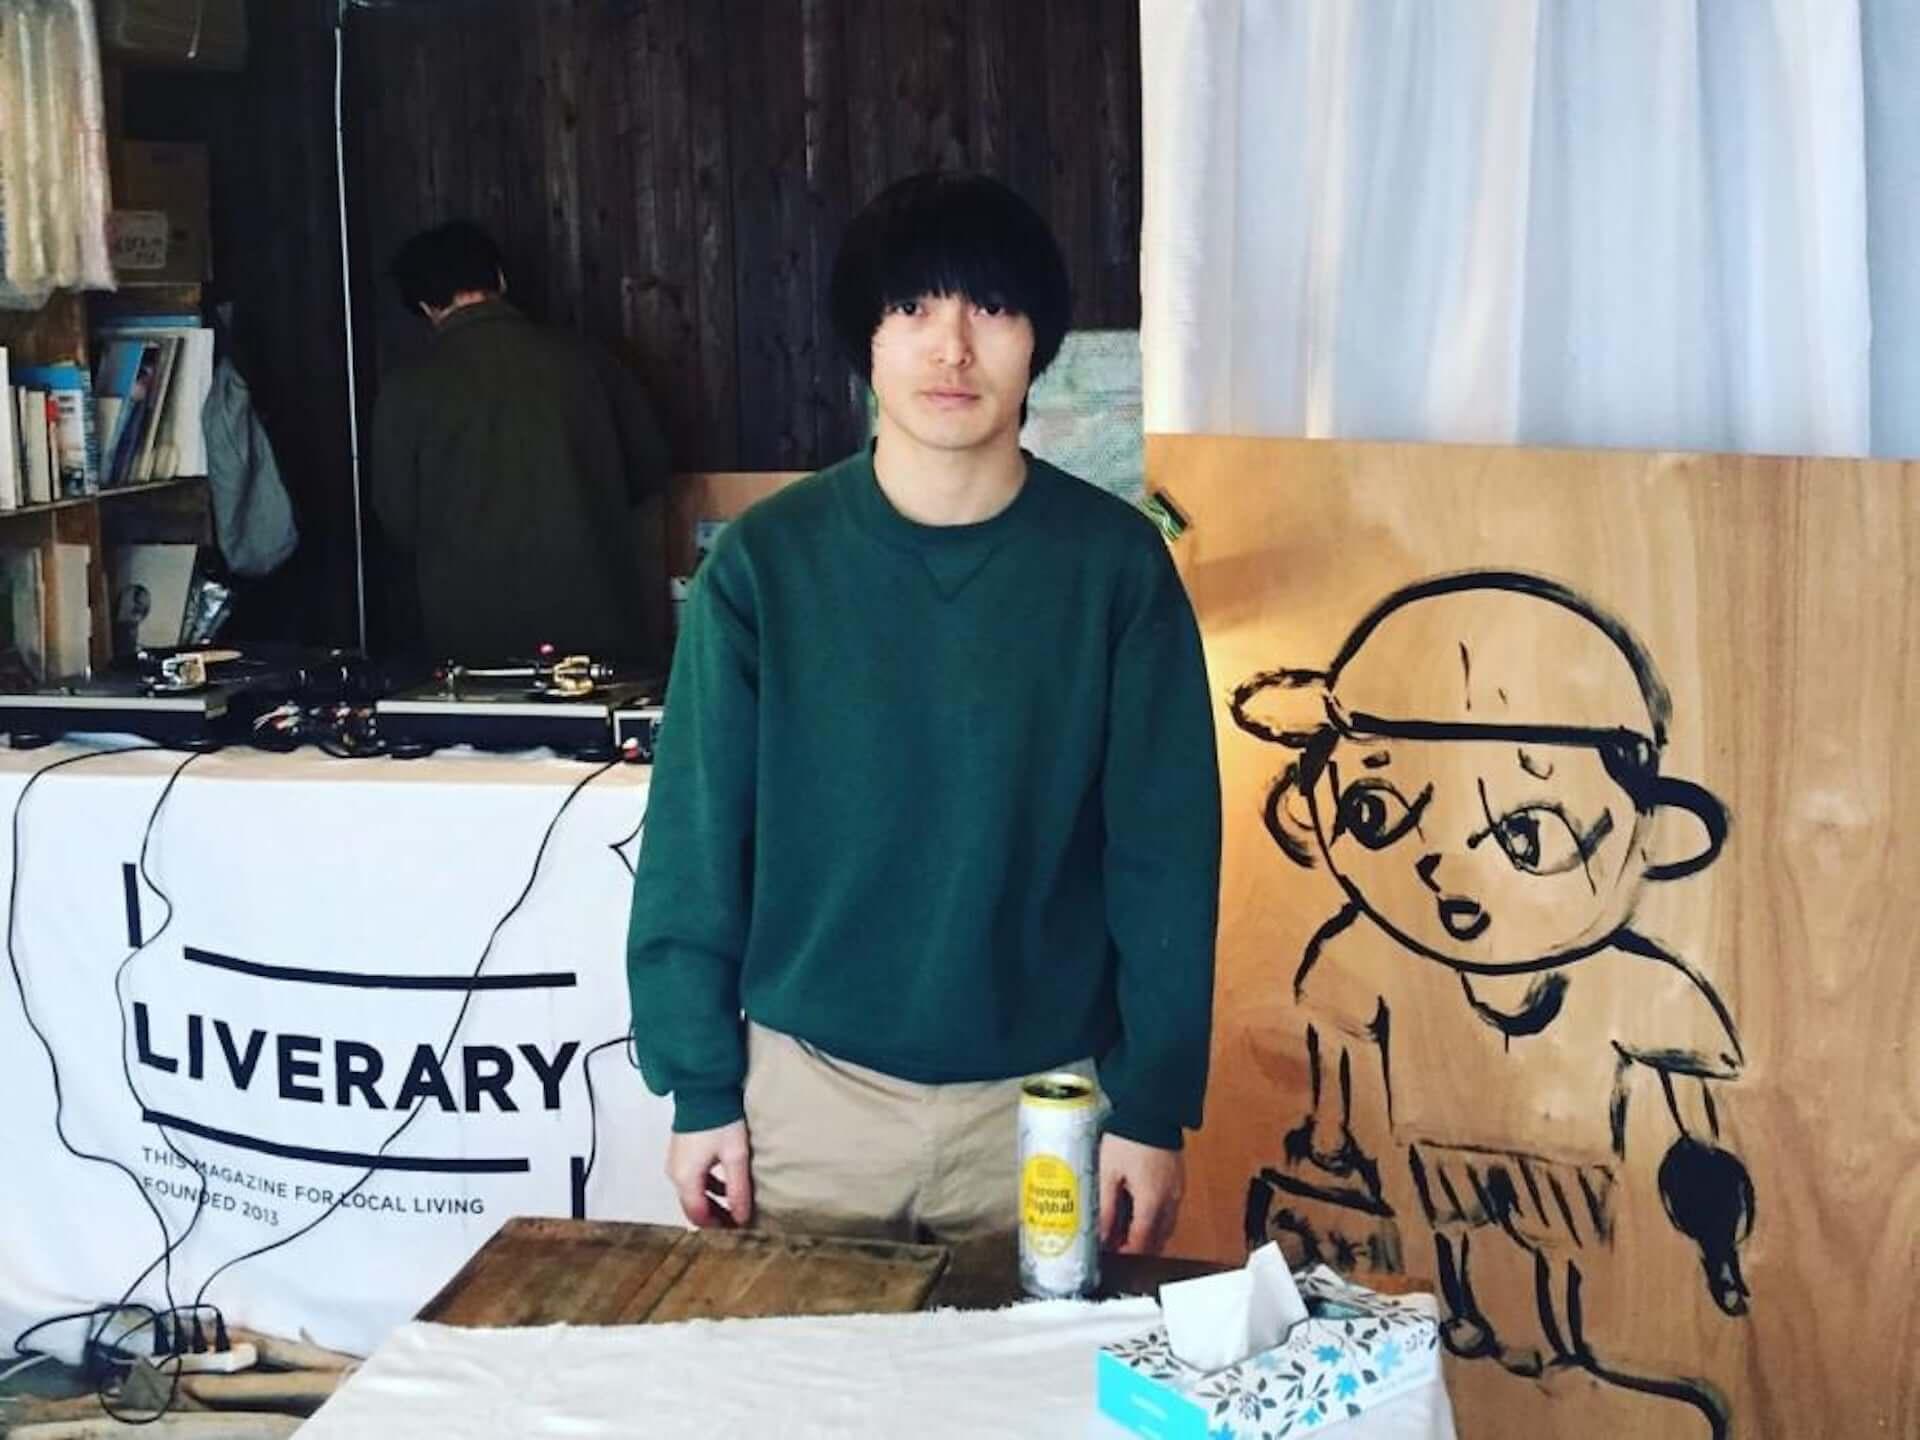 名古屋のローカルカルチャーが渋谷PARCO・COMINGSOONに集結!「LIVERARY Extra」によるポップアップショップが期間限定で開催決定 art200803_liveraryextra-popup_5-1920x1440